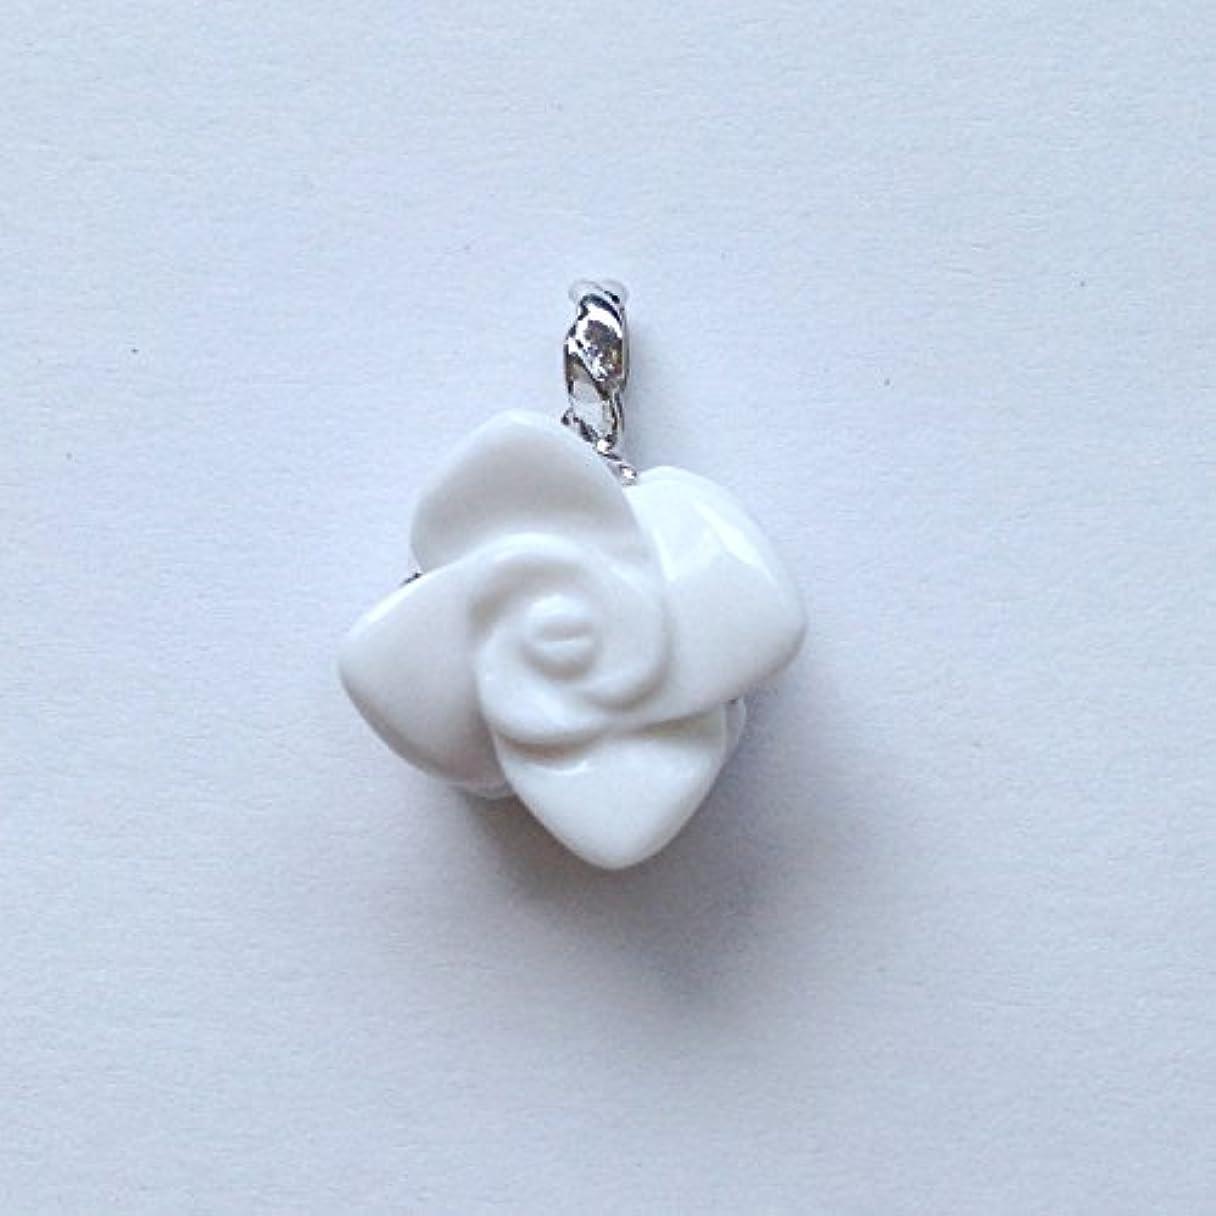 平凡標準ポジティブ香る宝石SVホワイトメノウペンダント通常¥26,800の所 (Ag925)